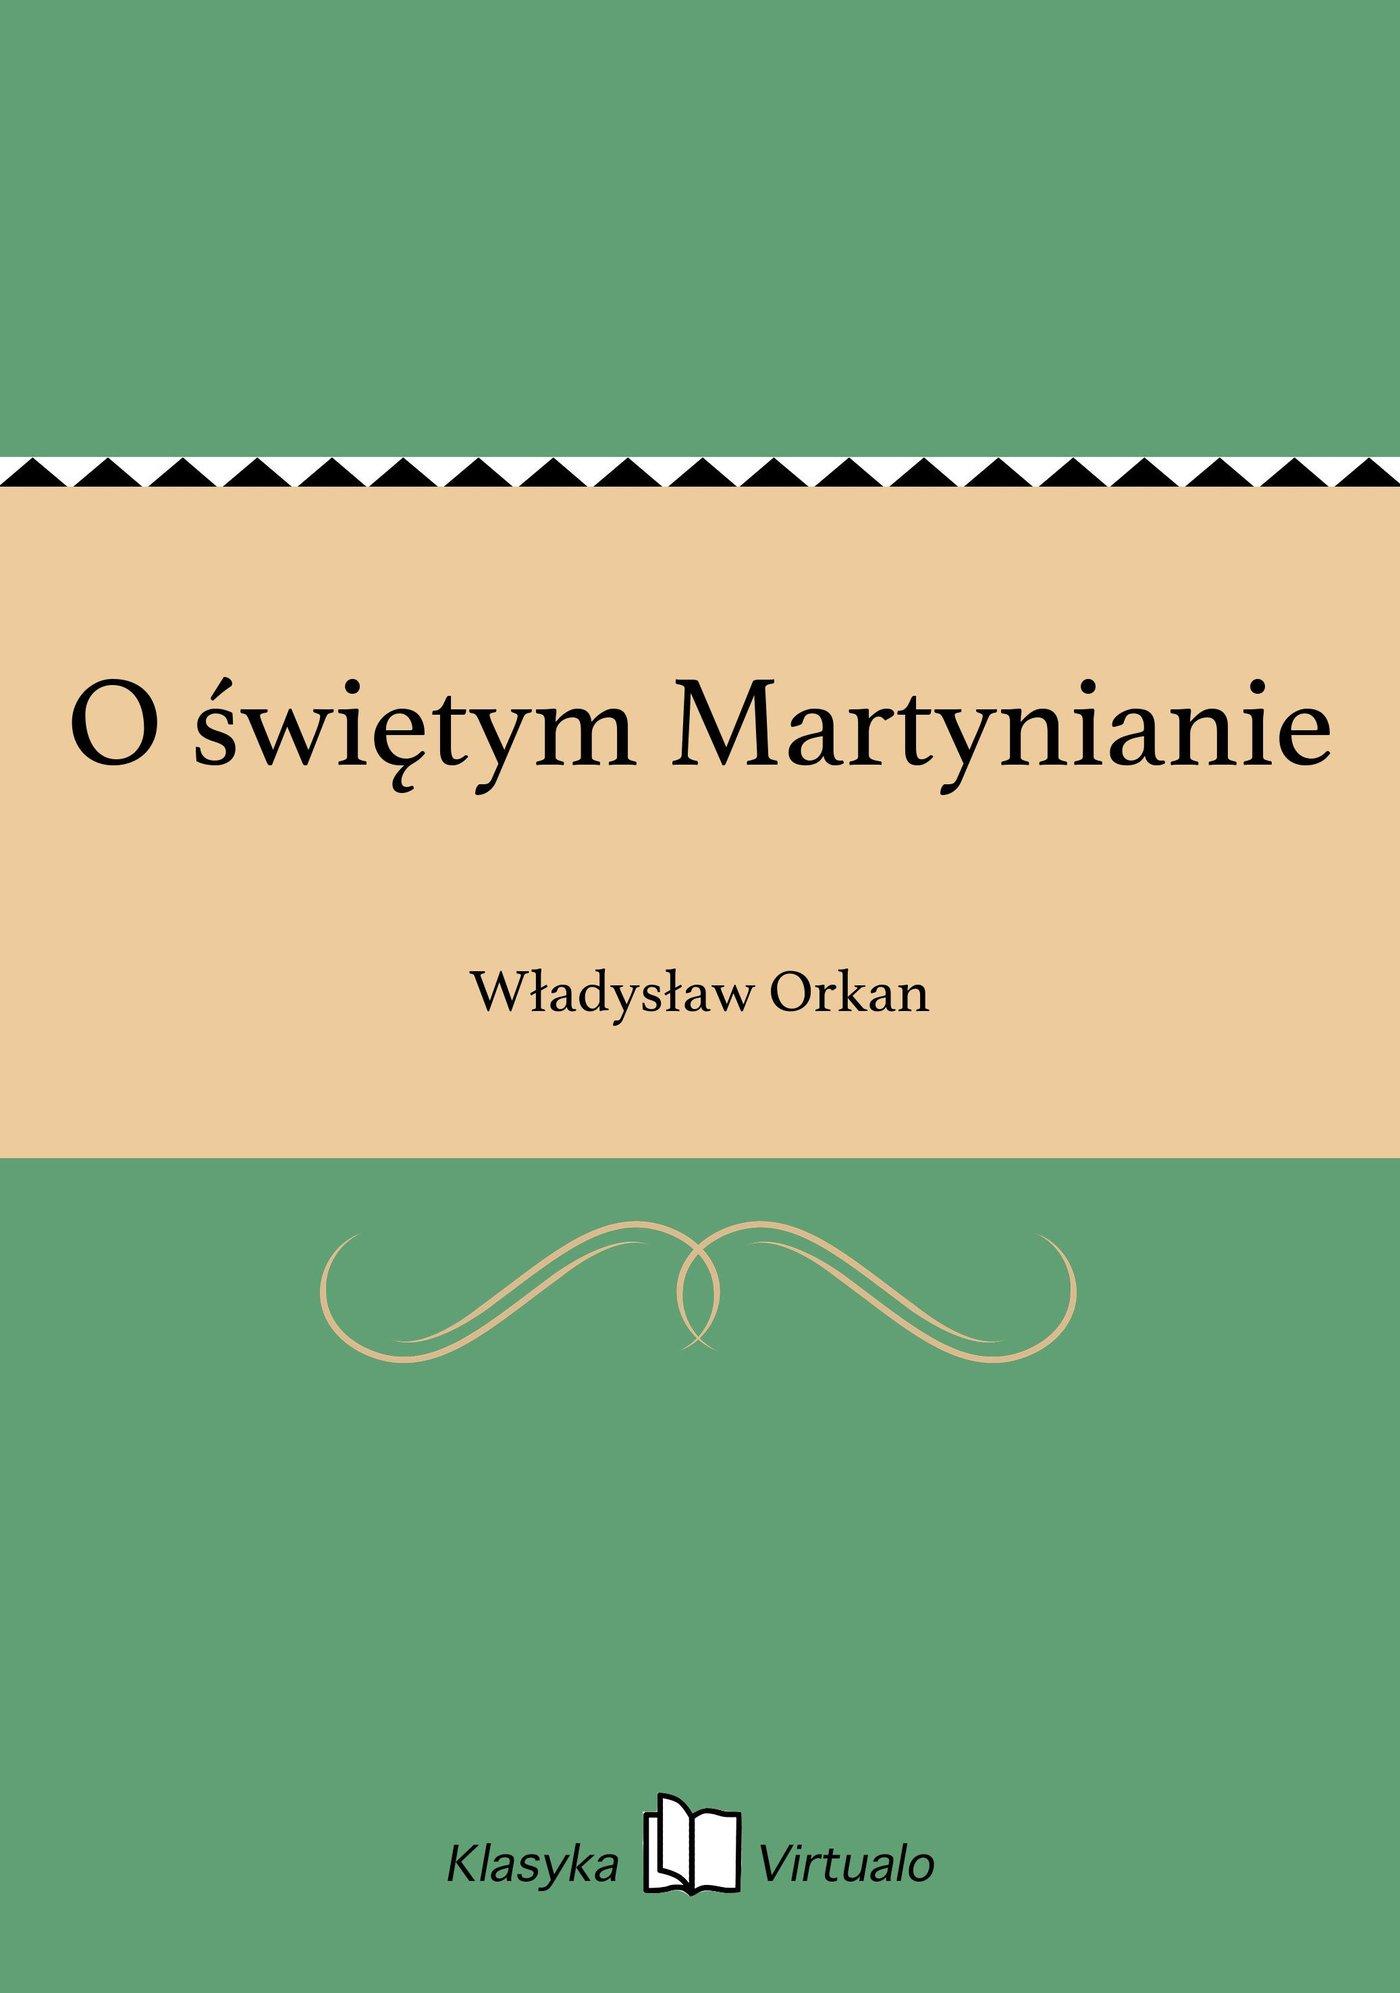 O świętym Martynianie - Ebook (Książka EPUB) do pobrania w formacie EPUB